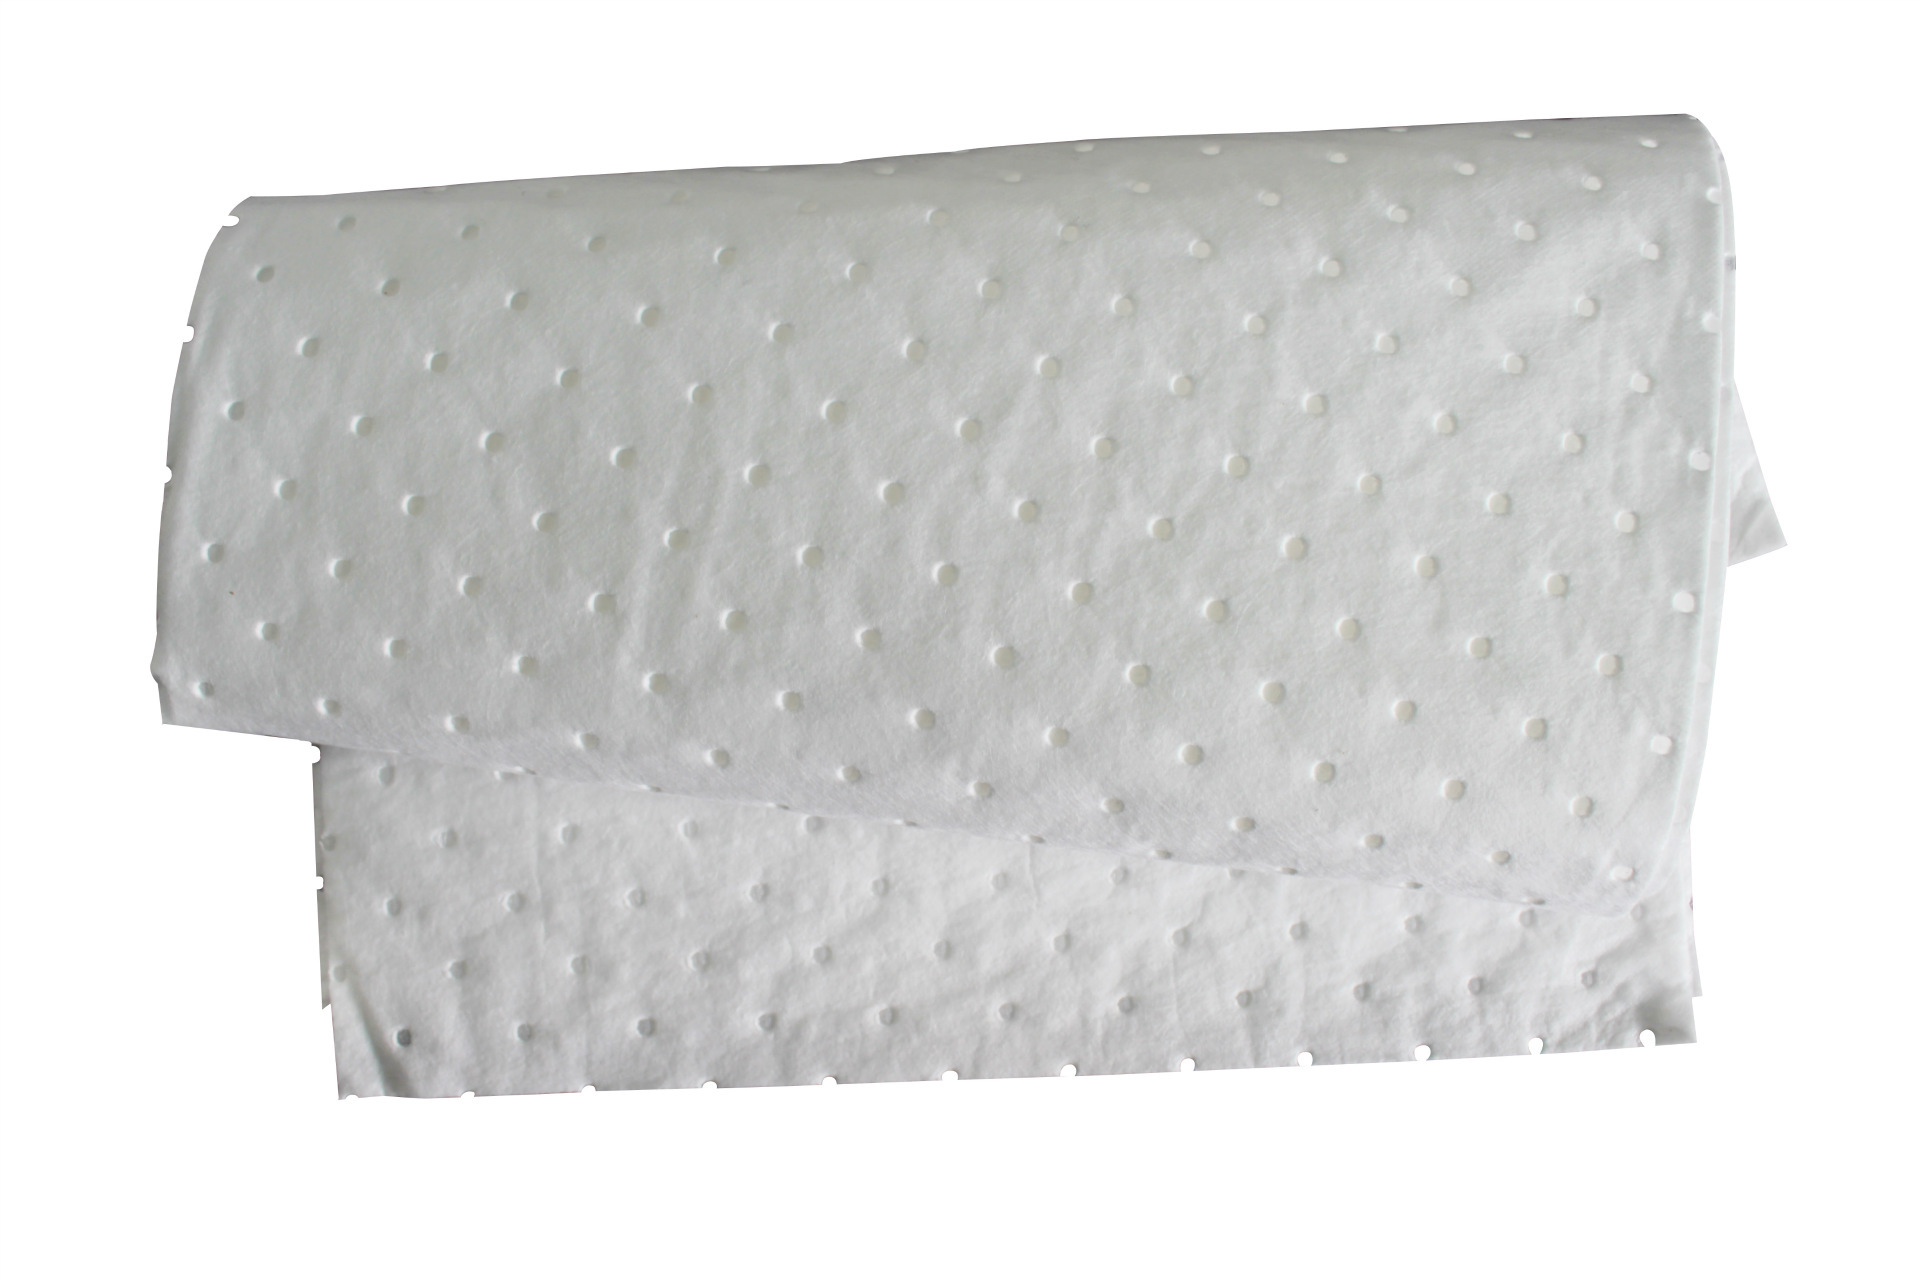 广州厂家直销 kq11抽拉式超能吸油棉 防溢漏棉 newpig吸油棉